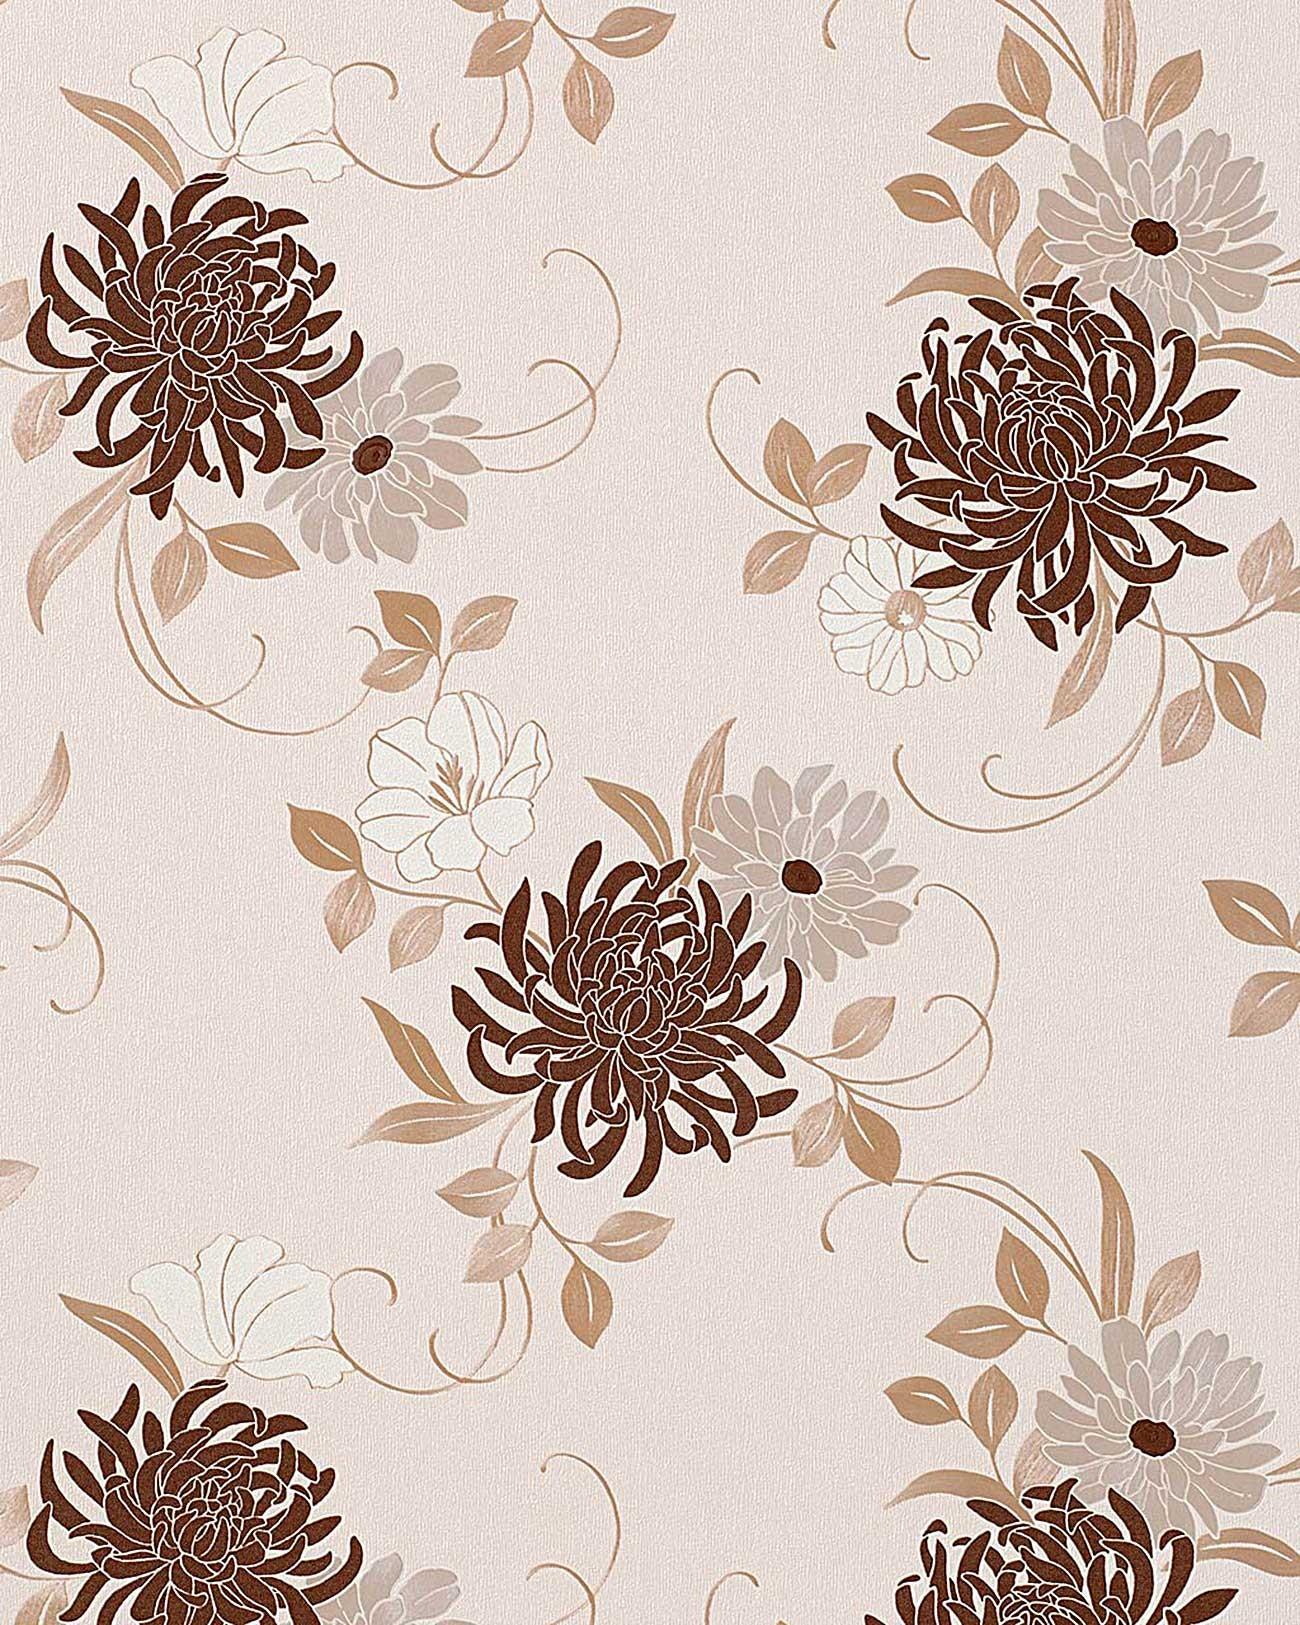 Floral Wall Wallpaper Flower Wallcovering Edem 824 23 Deep